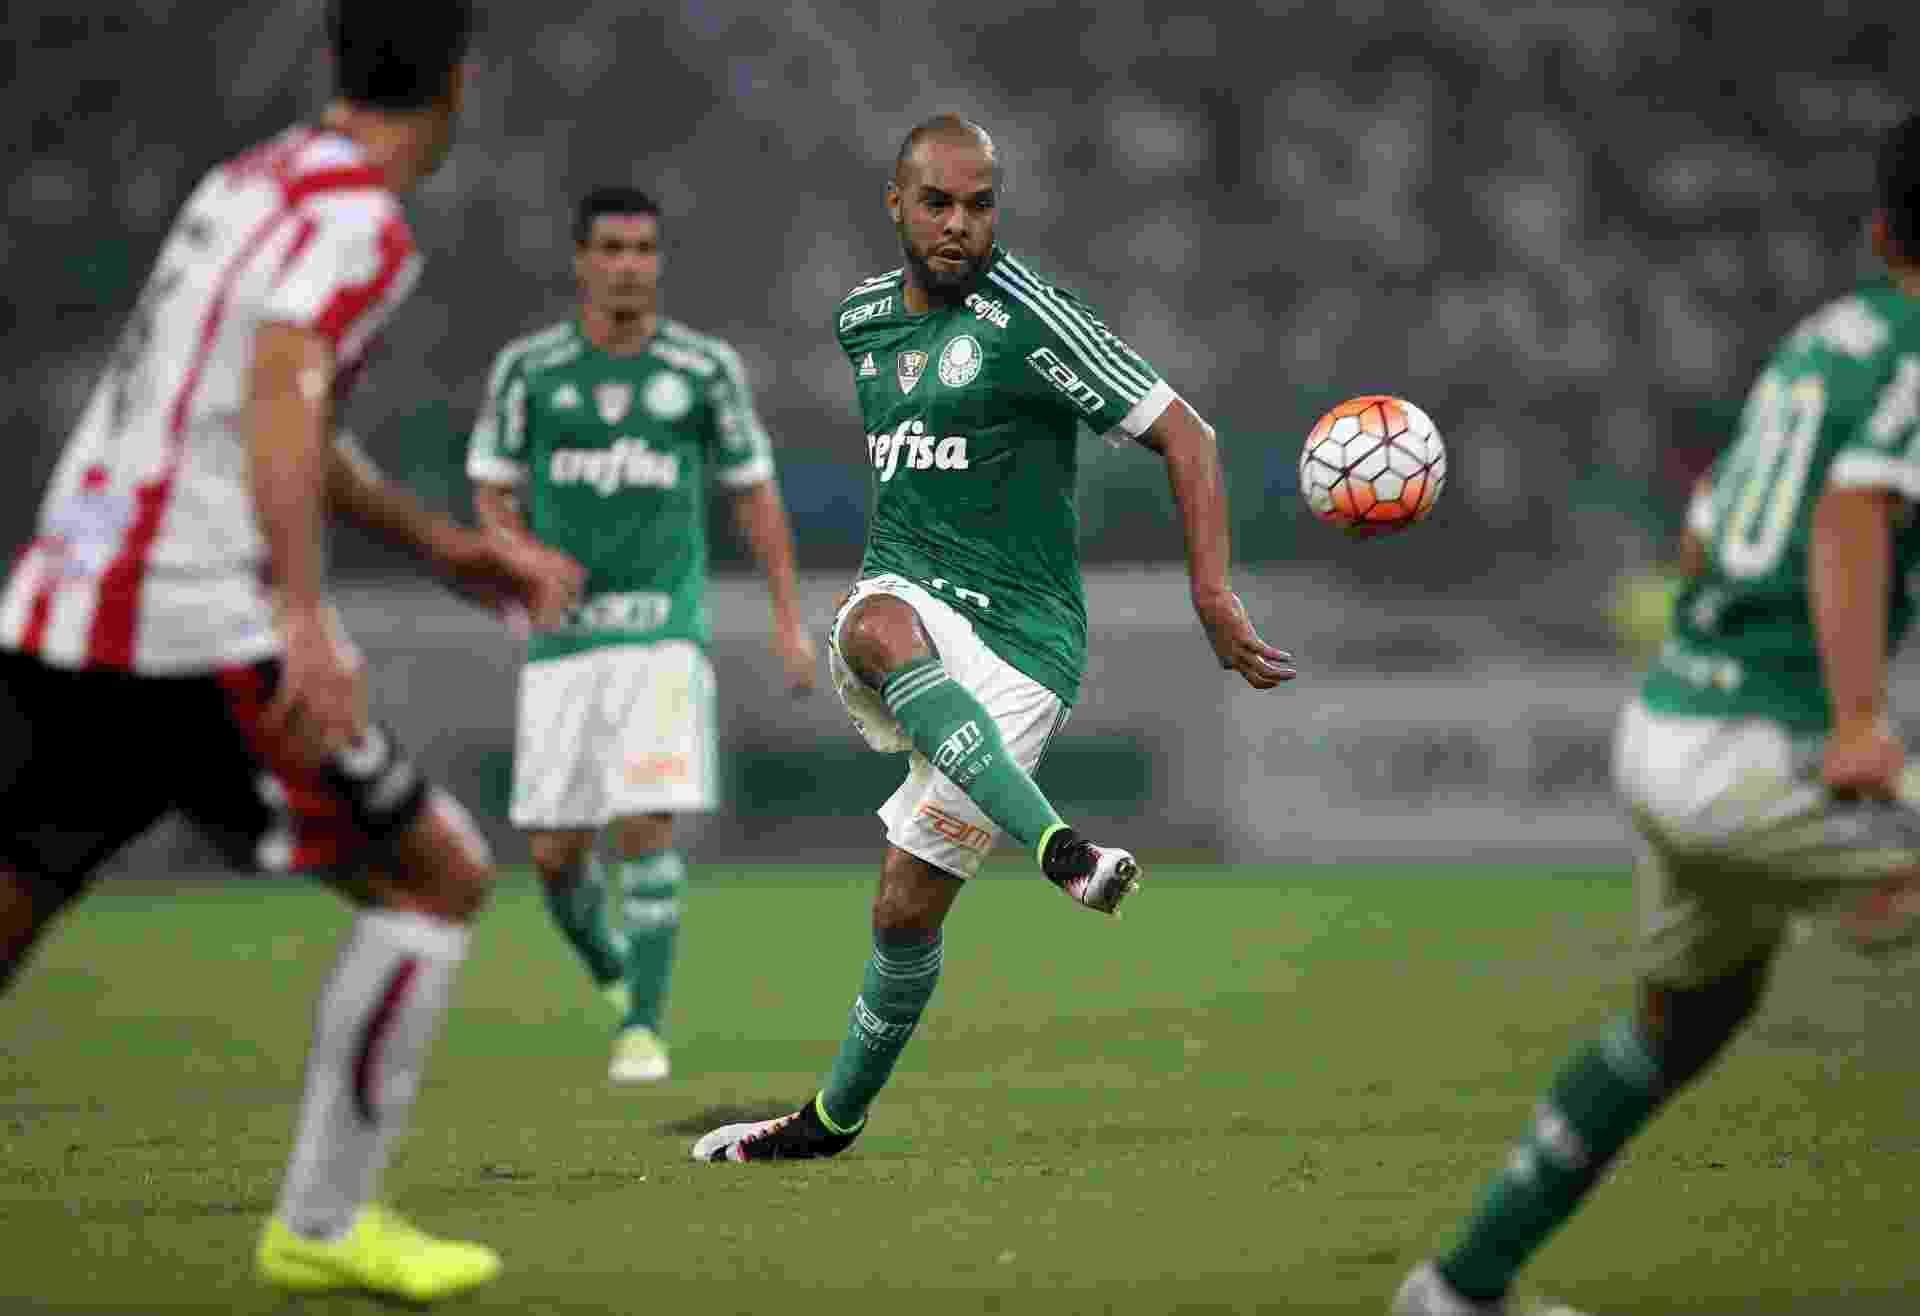 Alecsandro tenta lançamento durante a partida entre Palmeiras e River Plate-URU - Friedemann Vogel/Getty Images